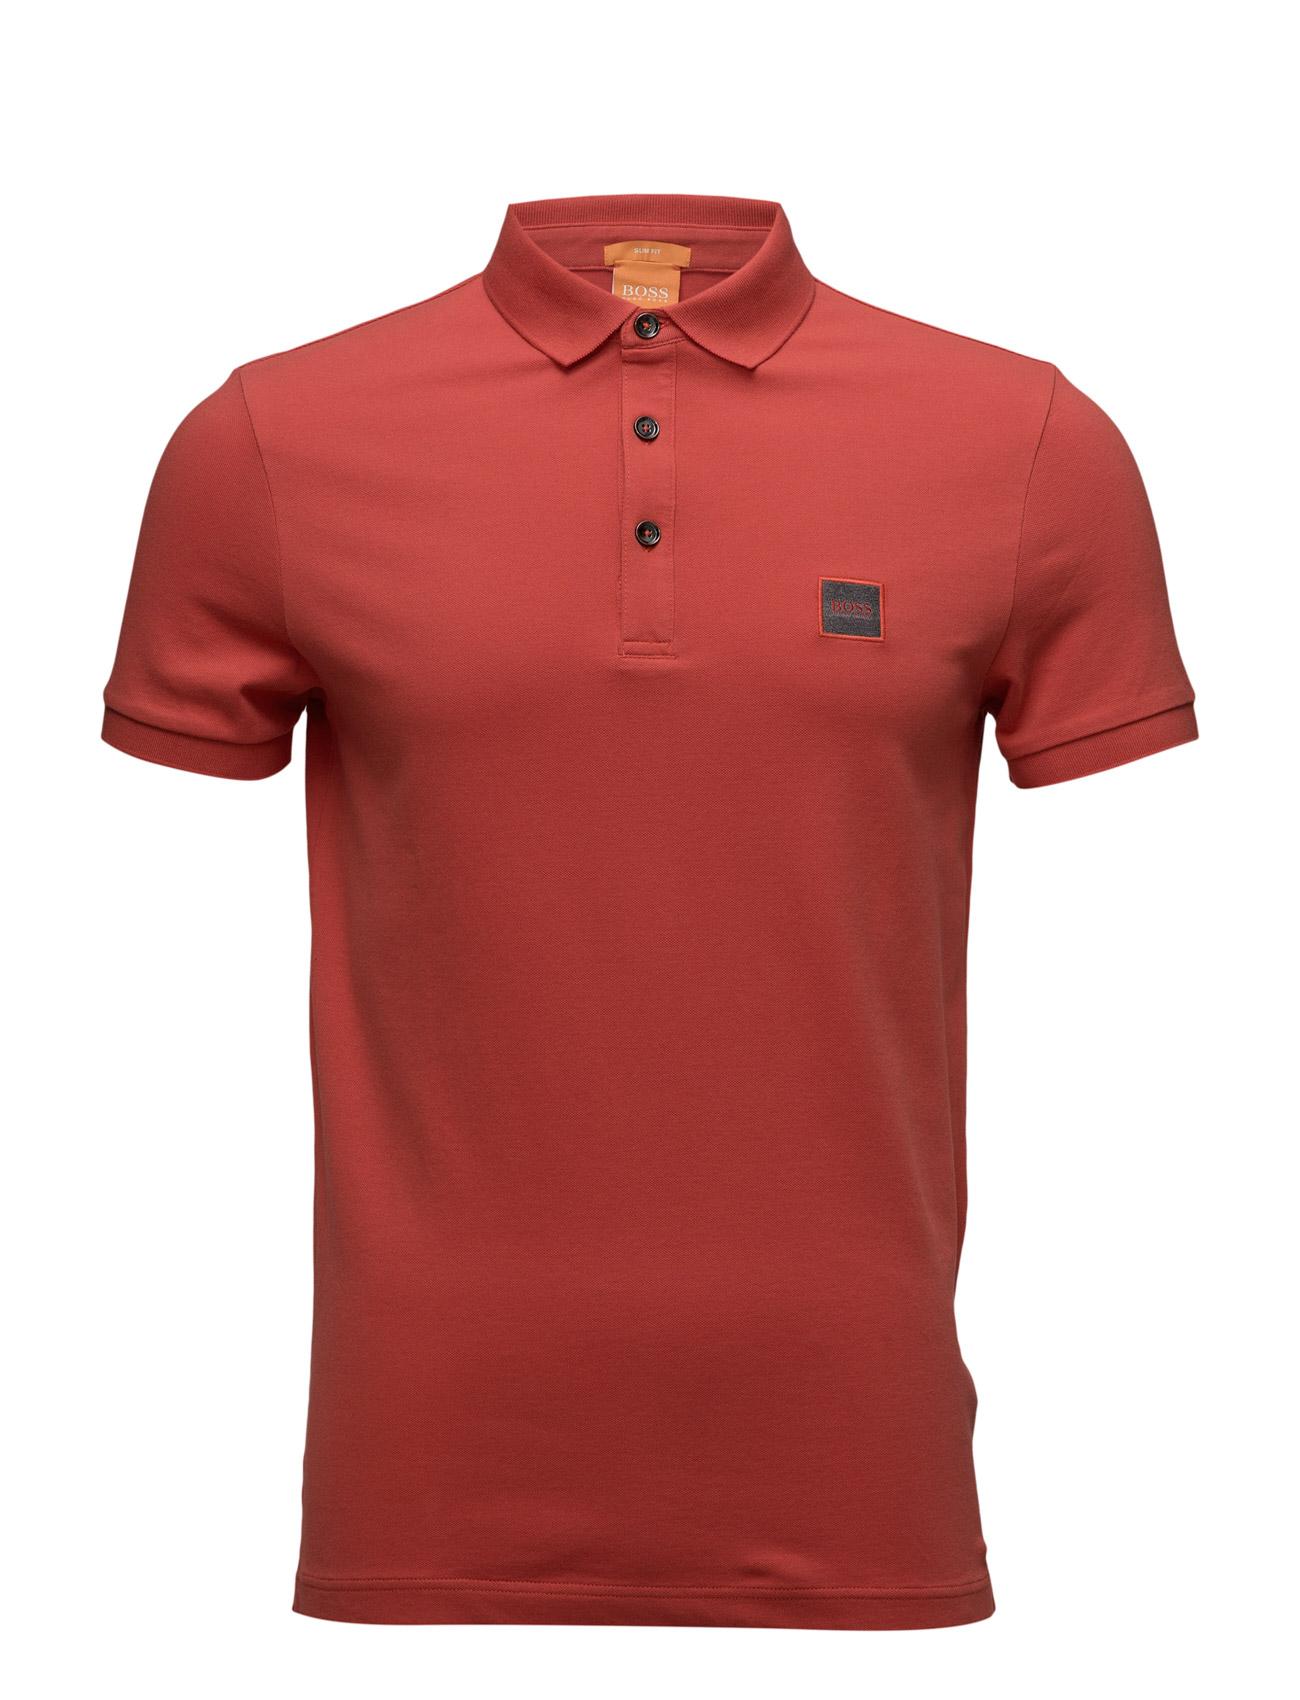 Pavlik BOSS Orange Kortærmede polo t-shirts til Herrer i